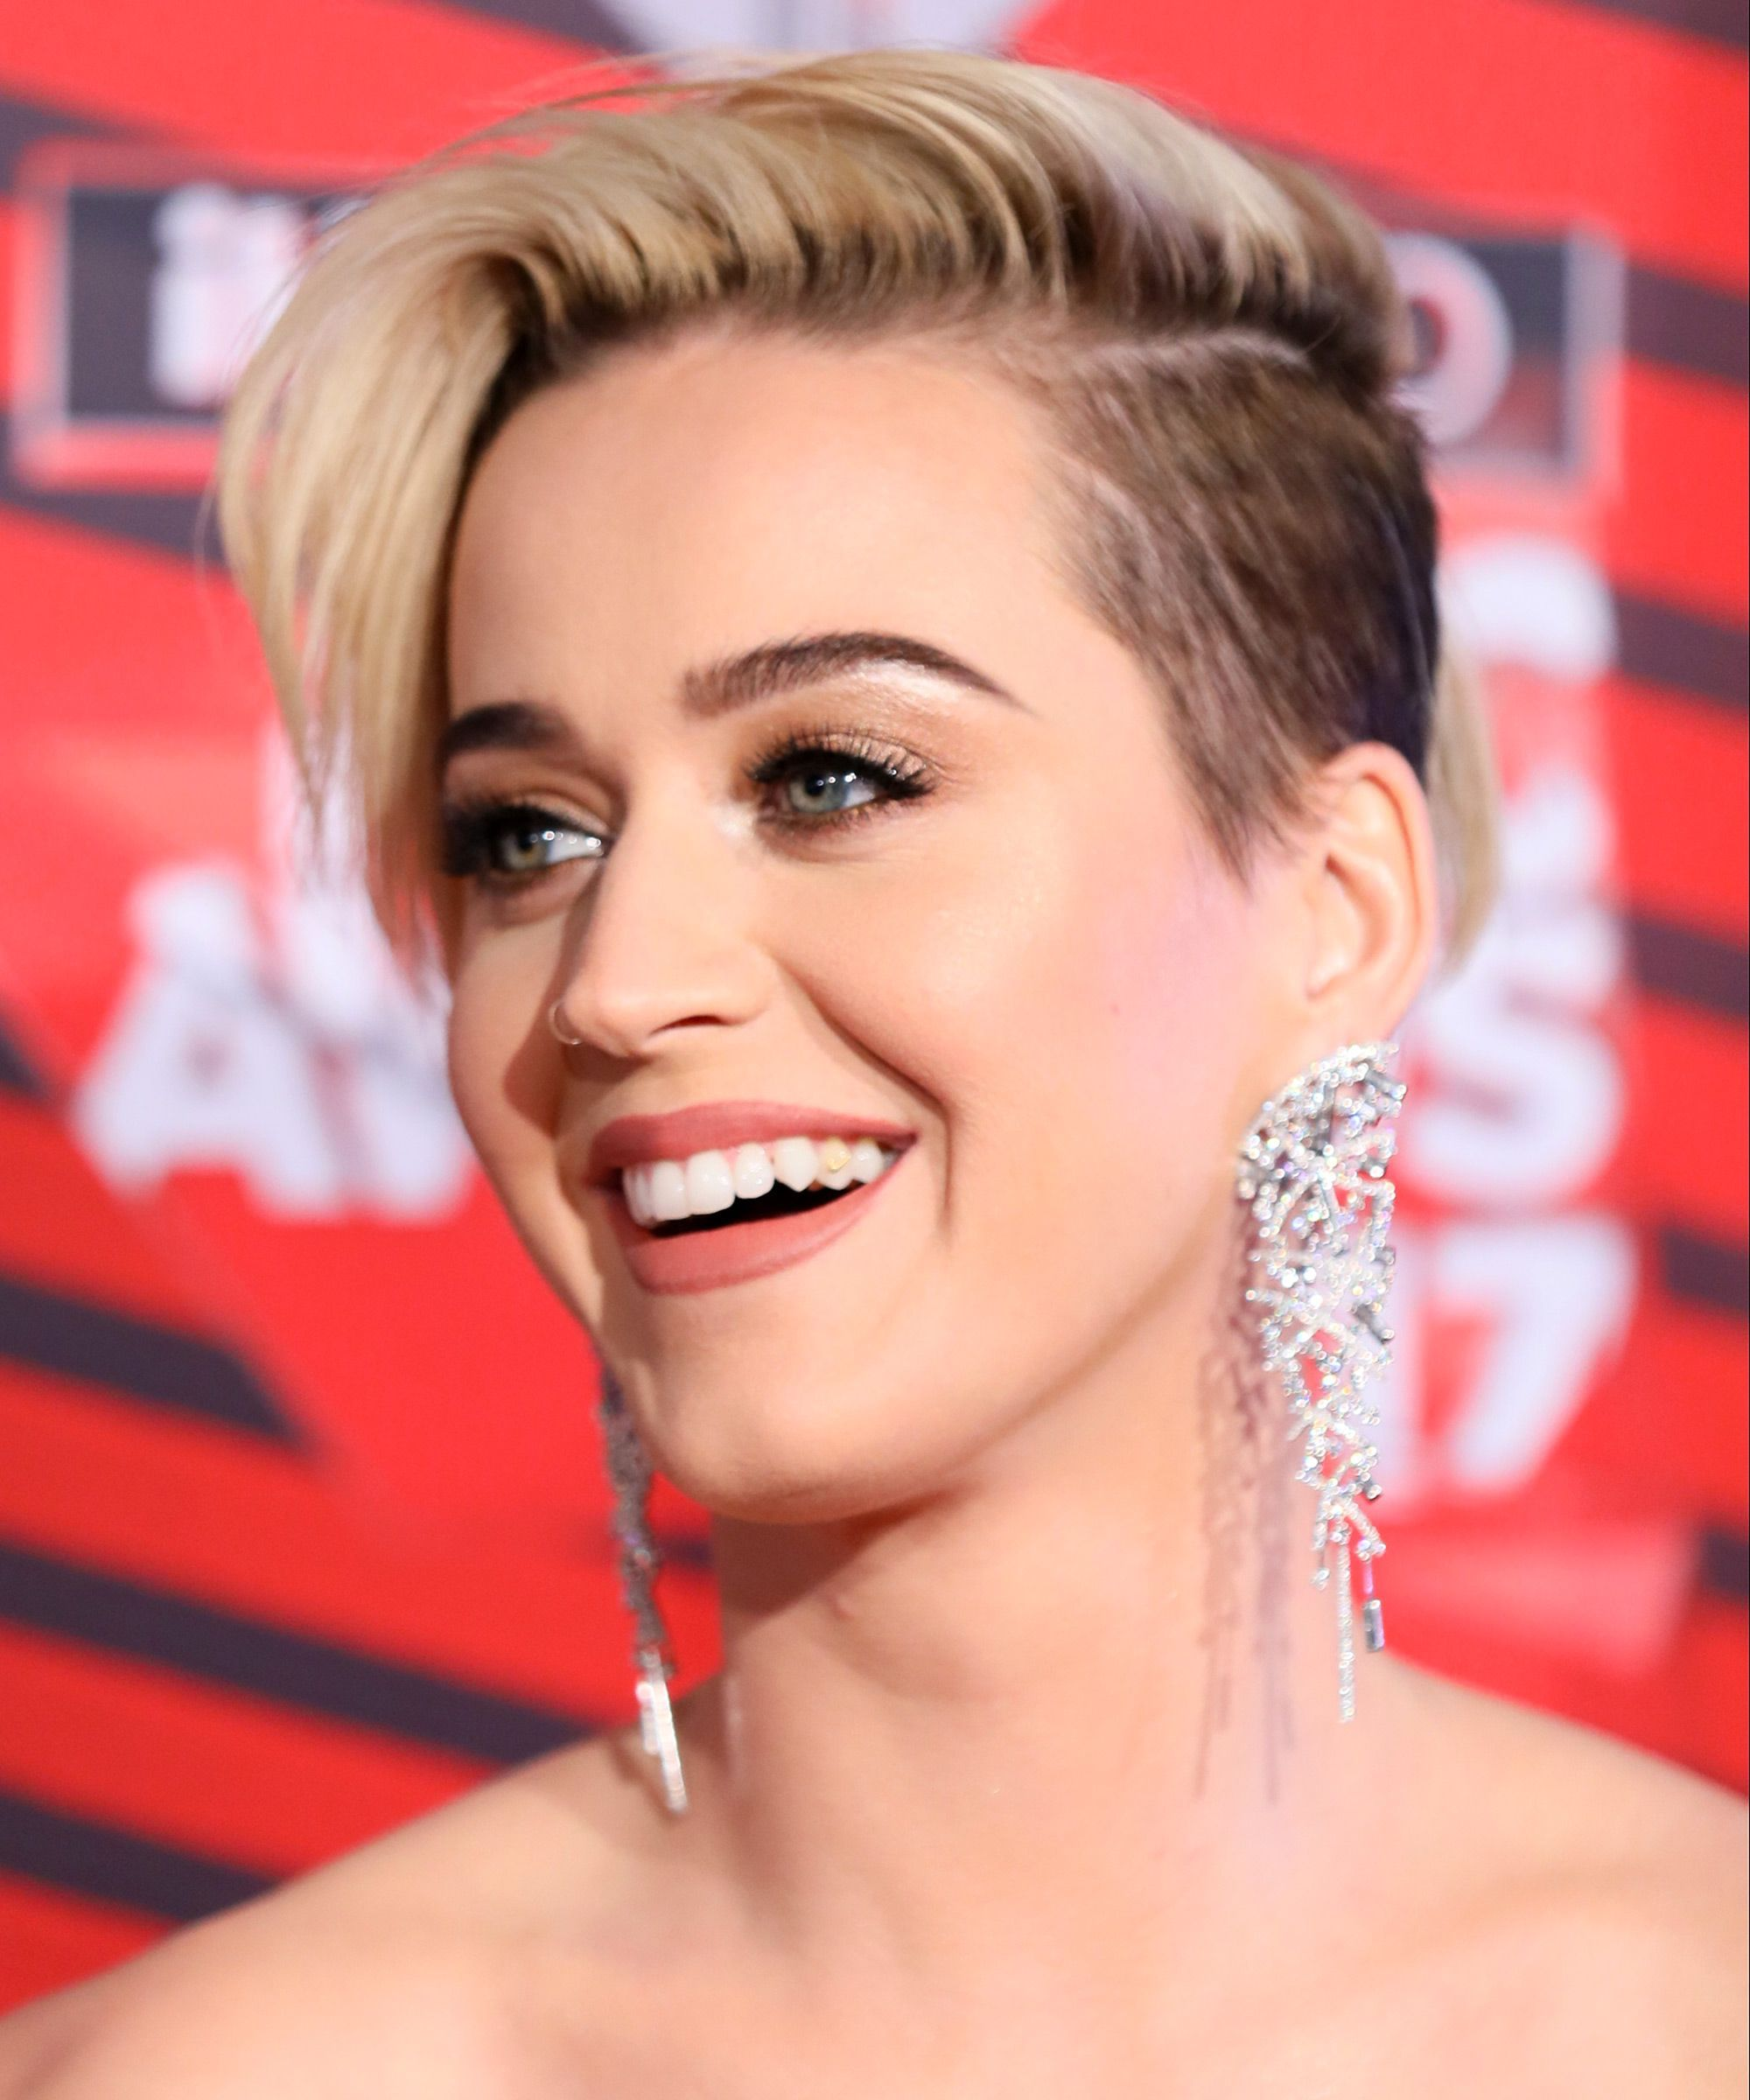 Katy Perry Pixie Haarschnitt Frisuren, Pixie haarschnitt